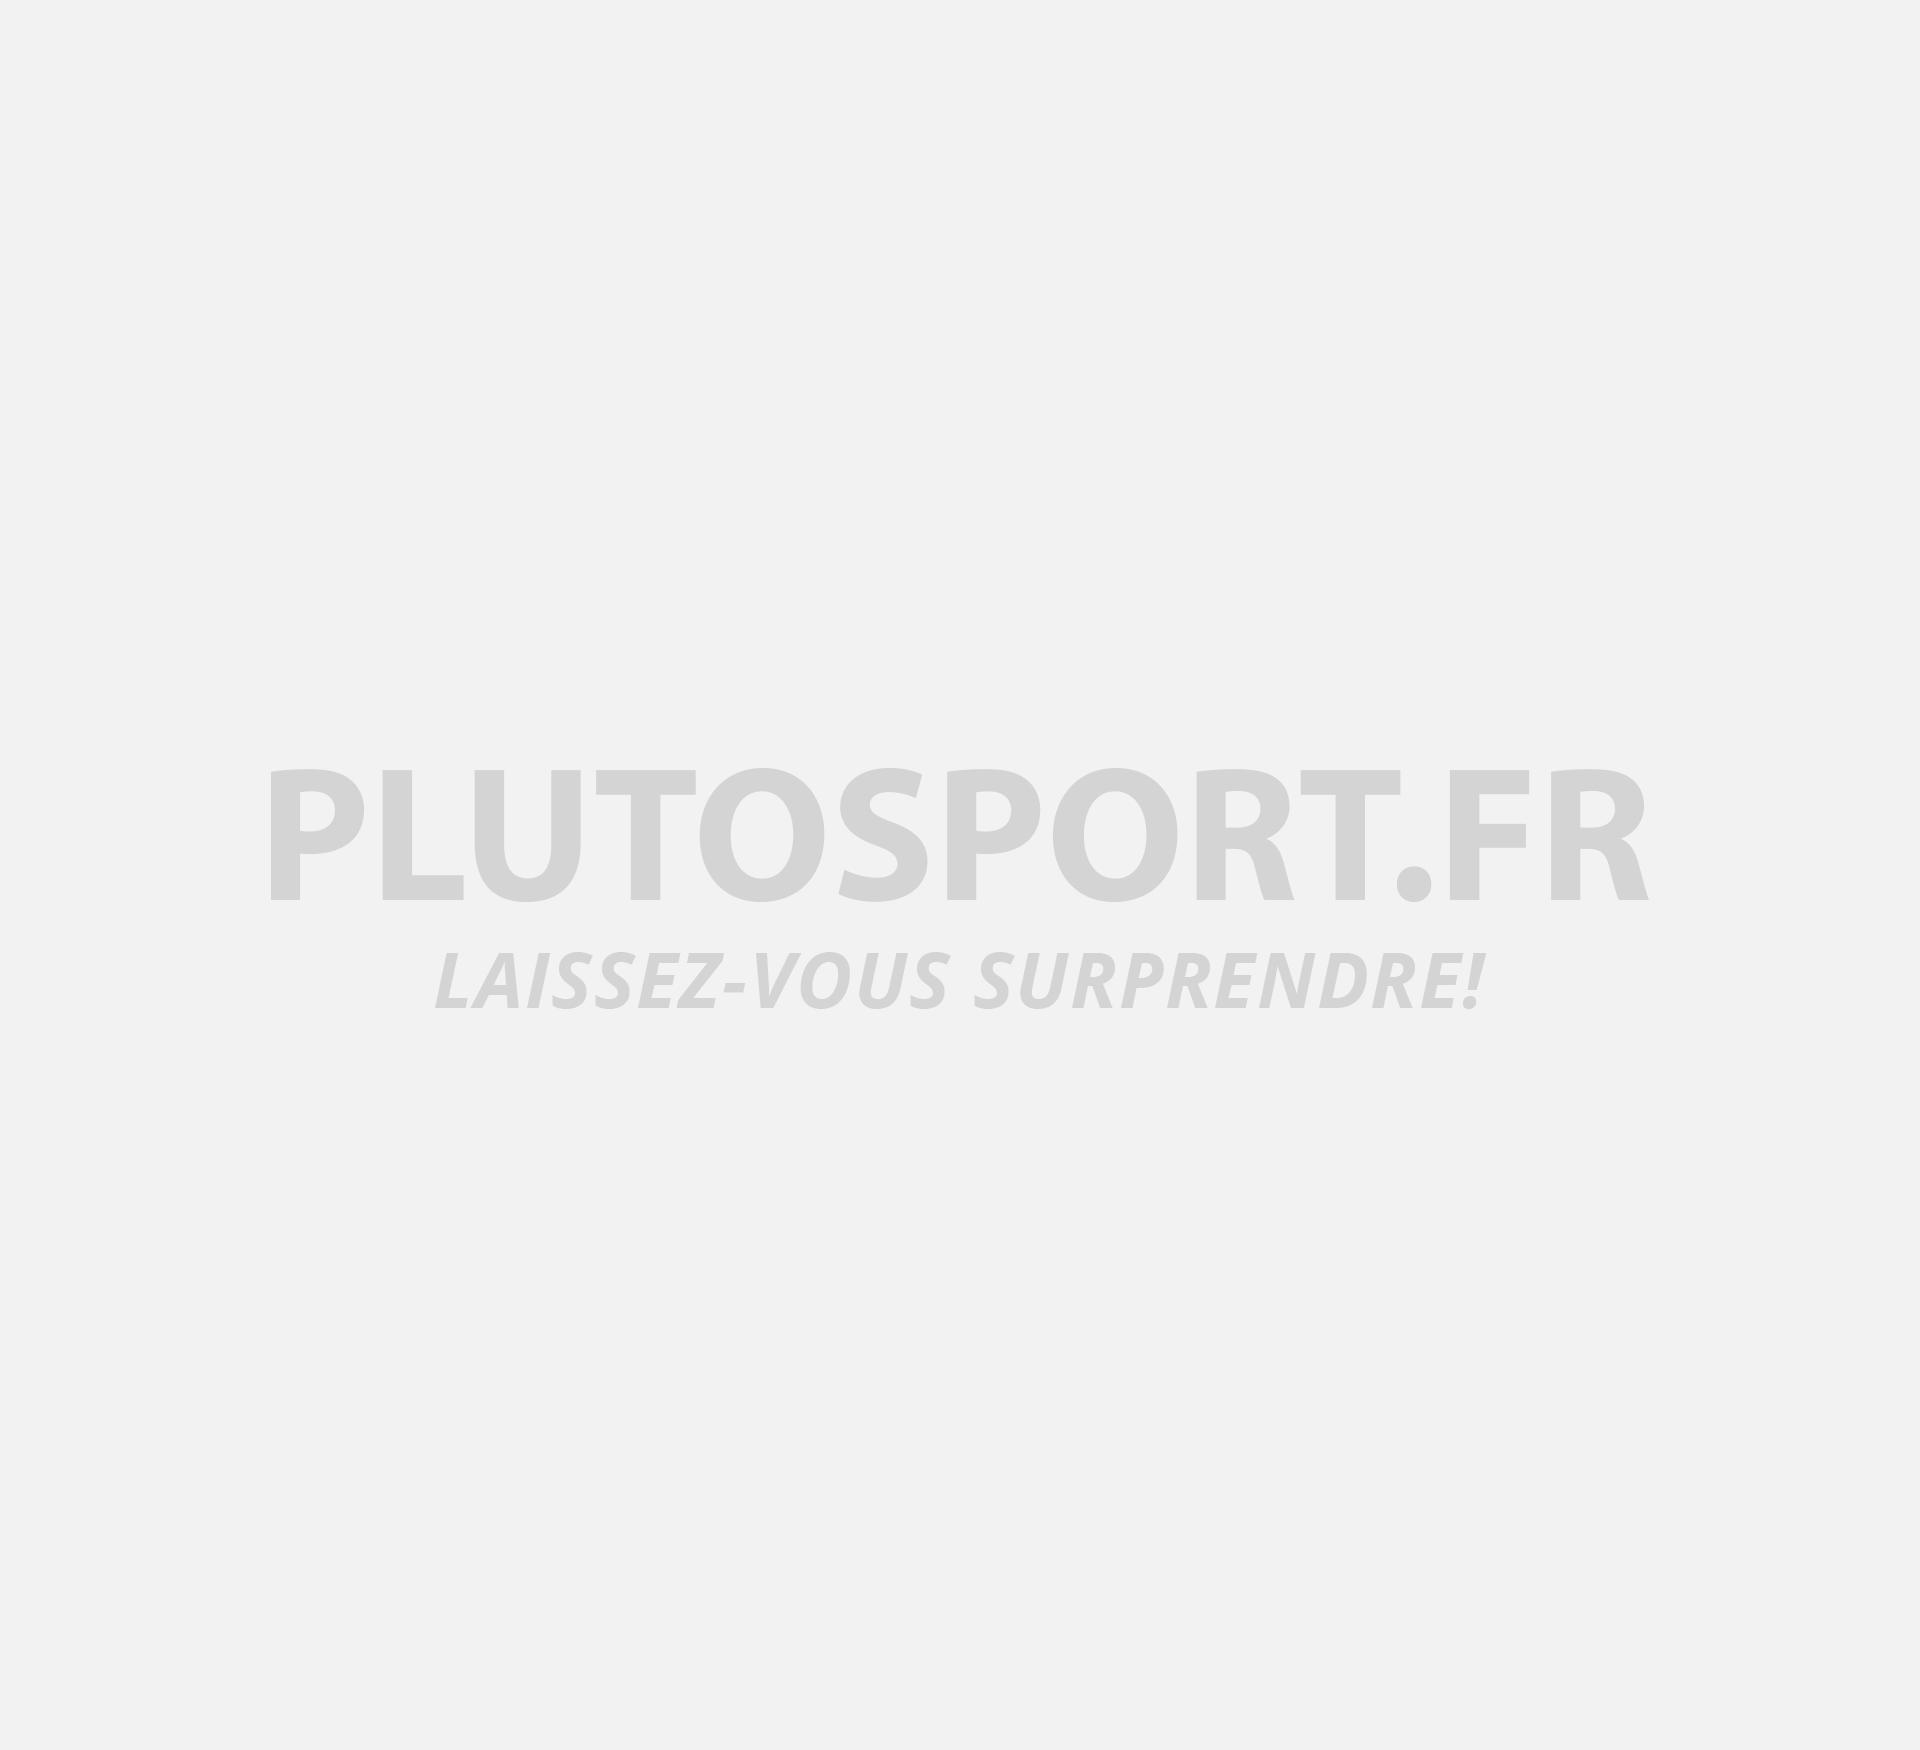 La jupe de tennis pour femme Sjeng Sports Lady Skort Sephora